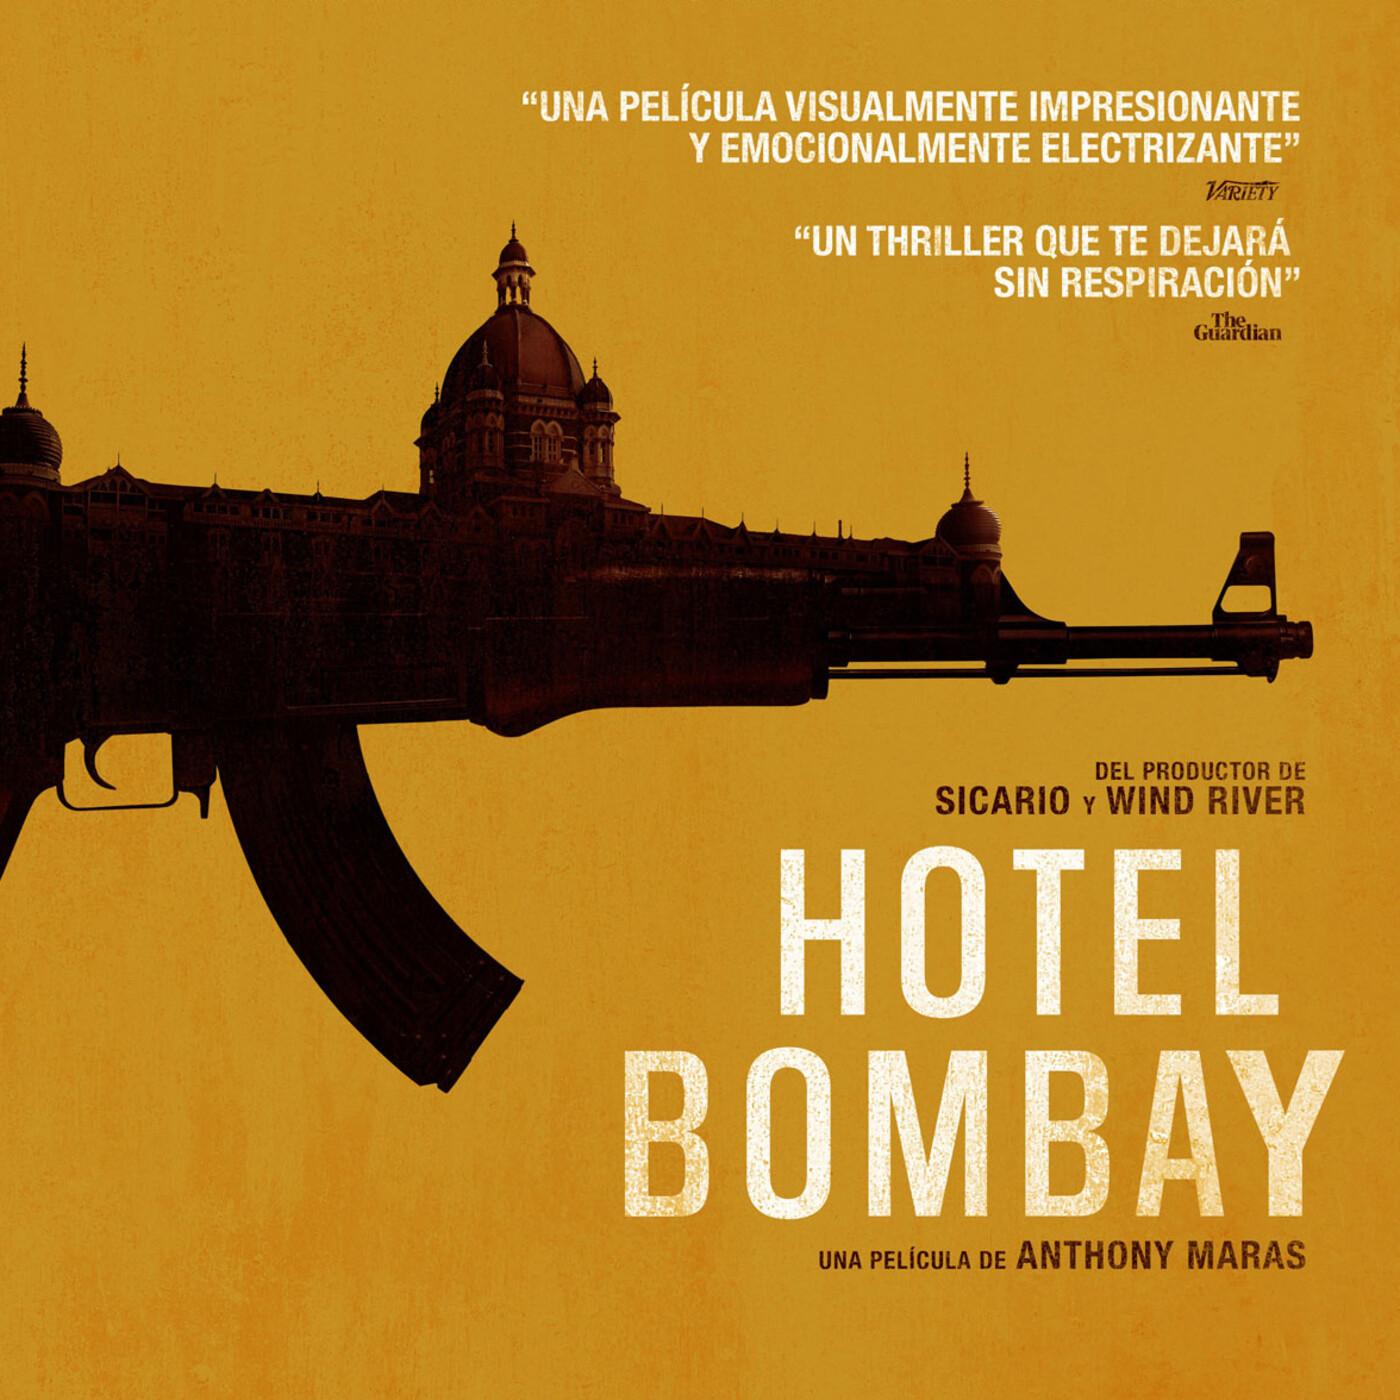 Hotel Bombay (2018) #Thriller #Drama #Terrorismo #peliculas #audesc #podcast